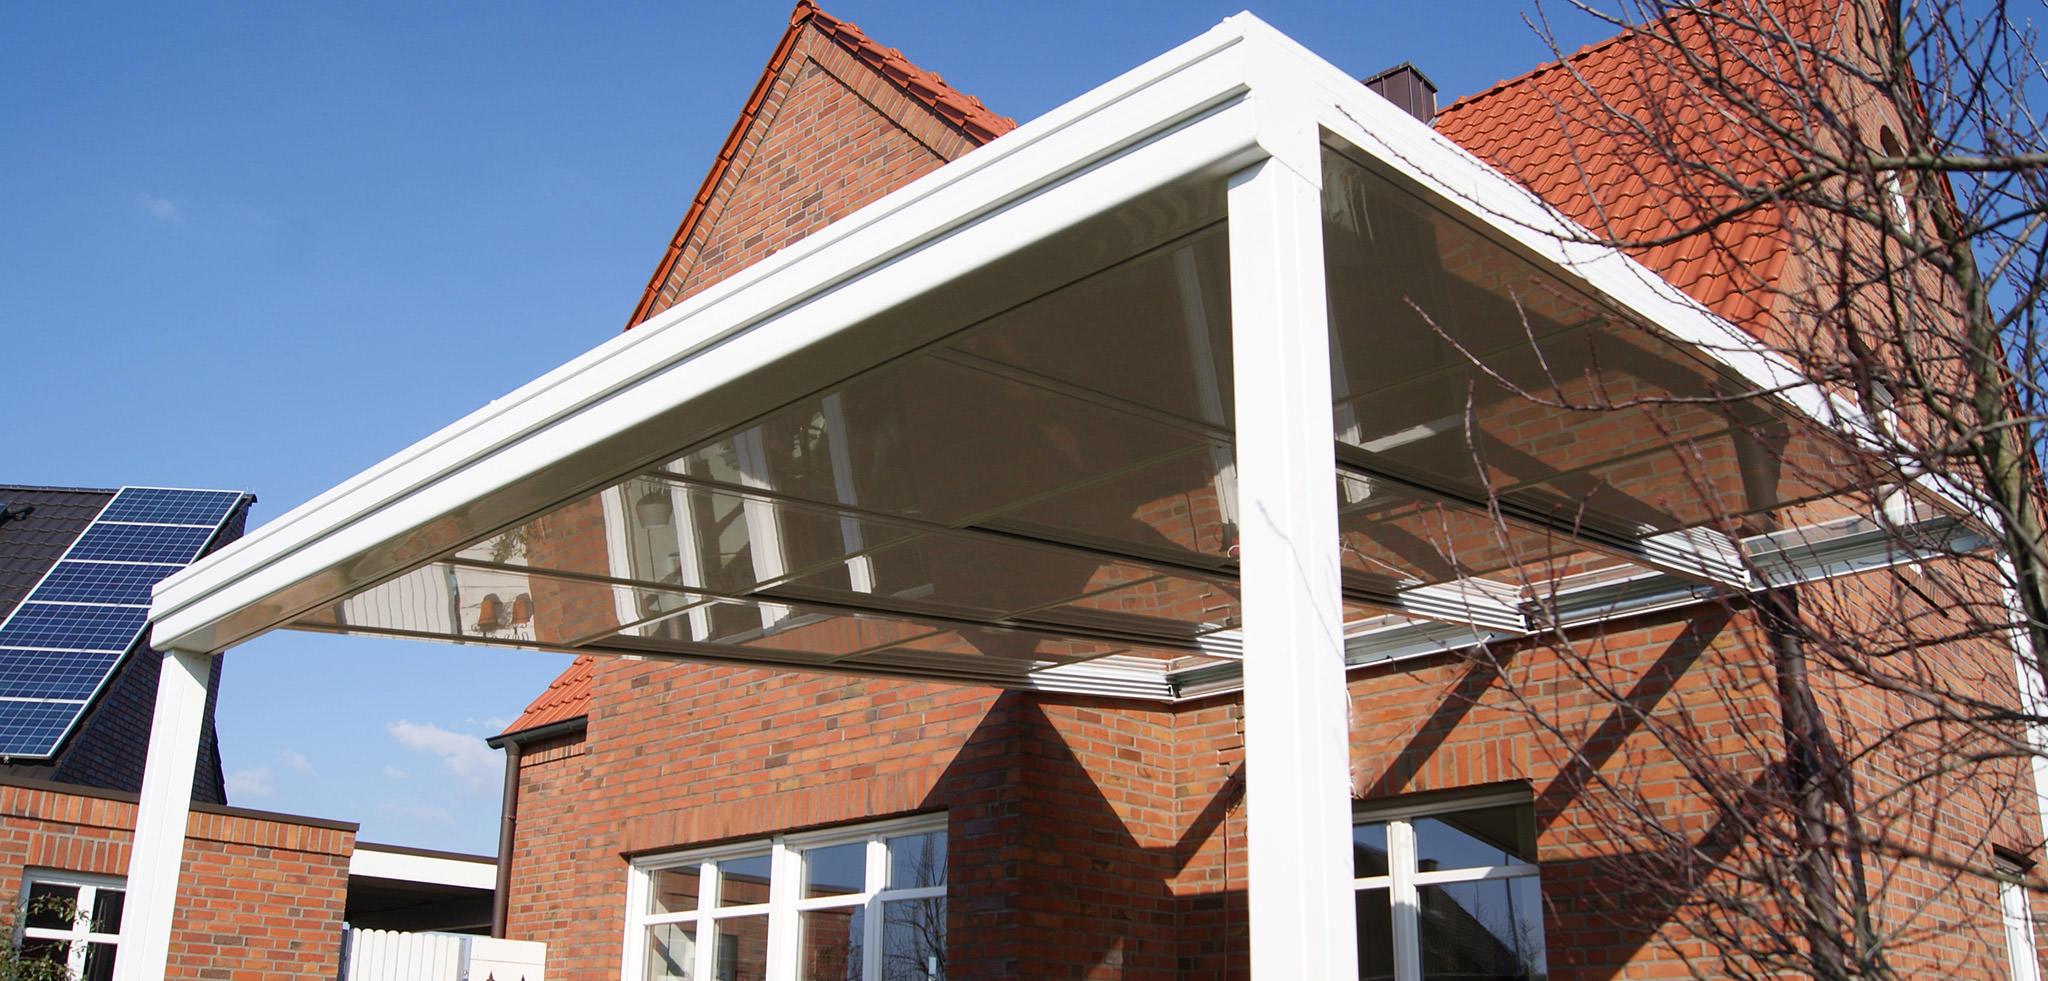 Terrassenschiebedach mit Glaseinsätzen